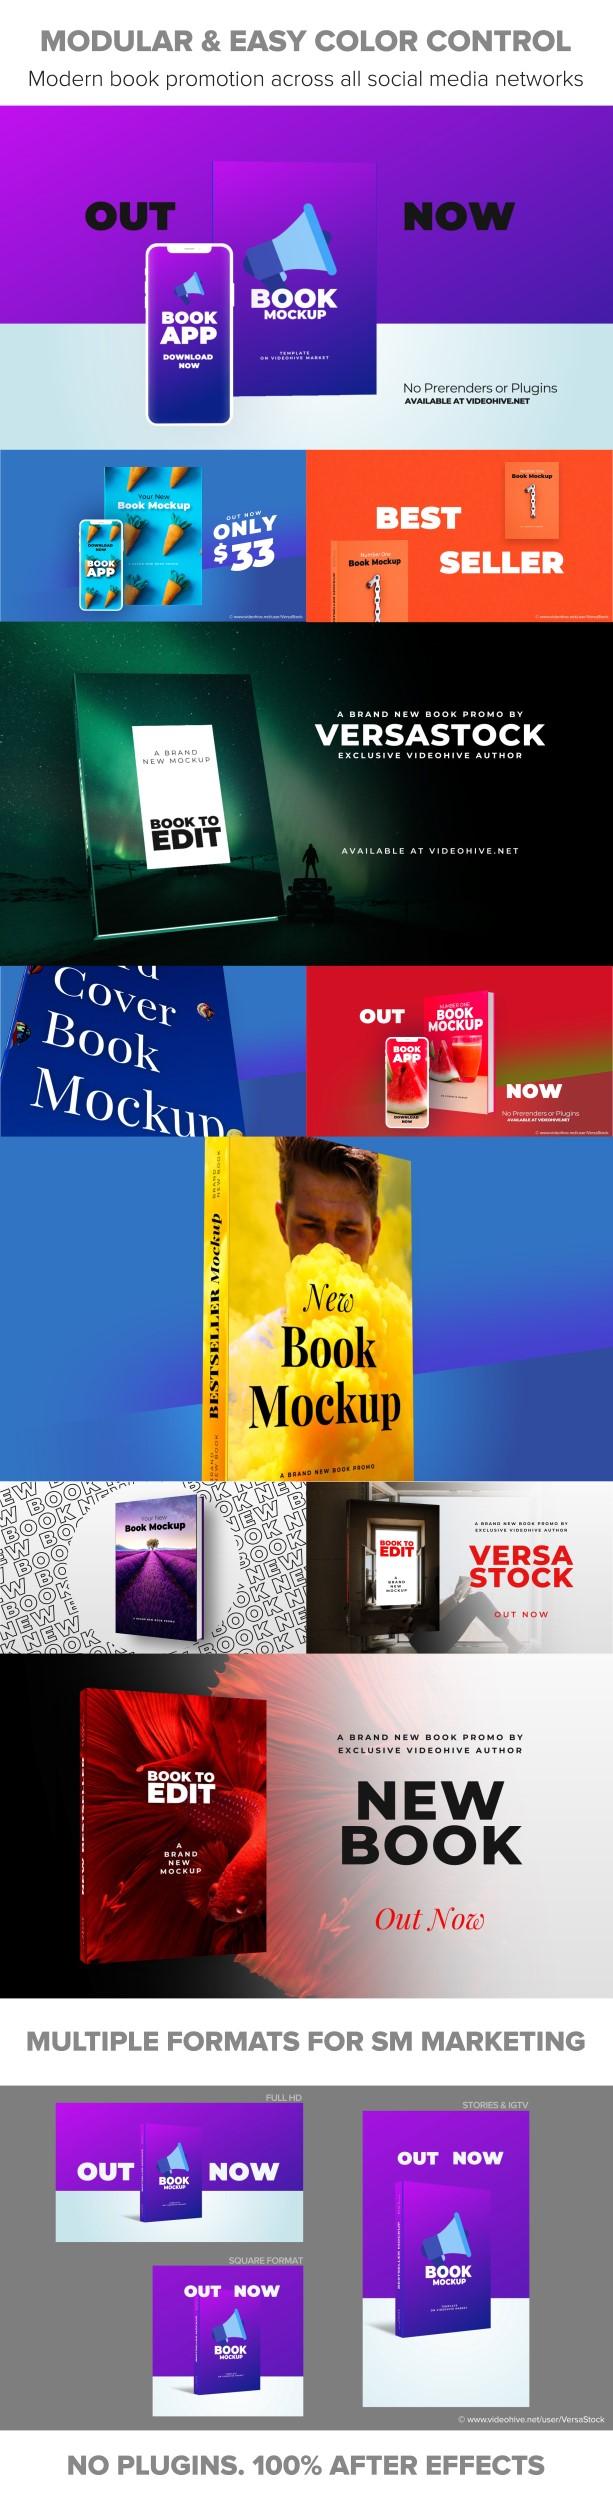 پروژه افتر افکت معرفی و تبلیغ کتاب